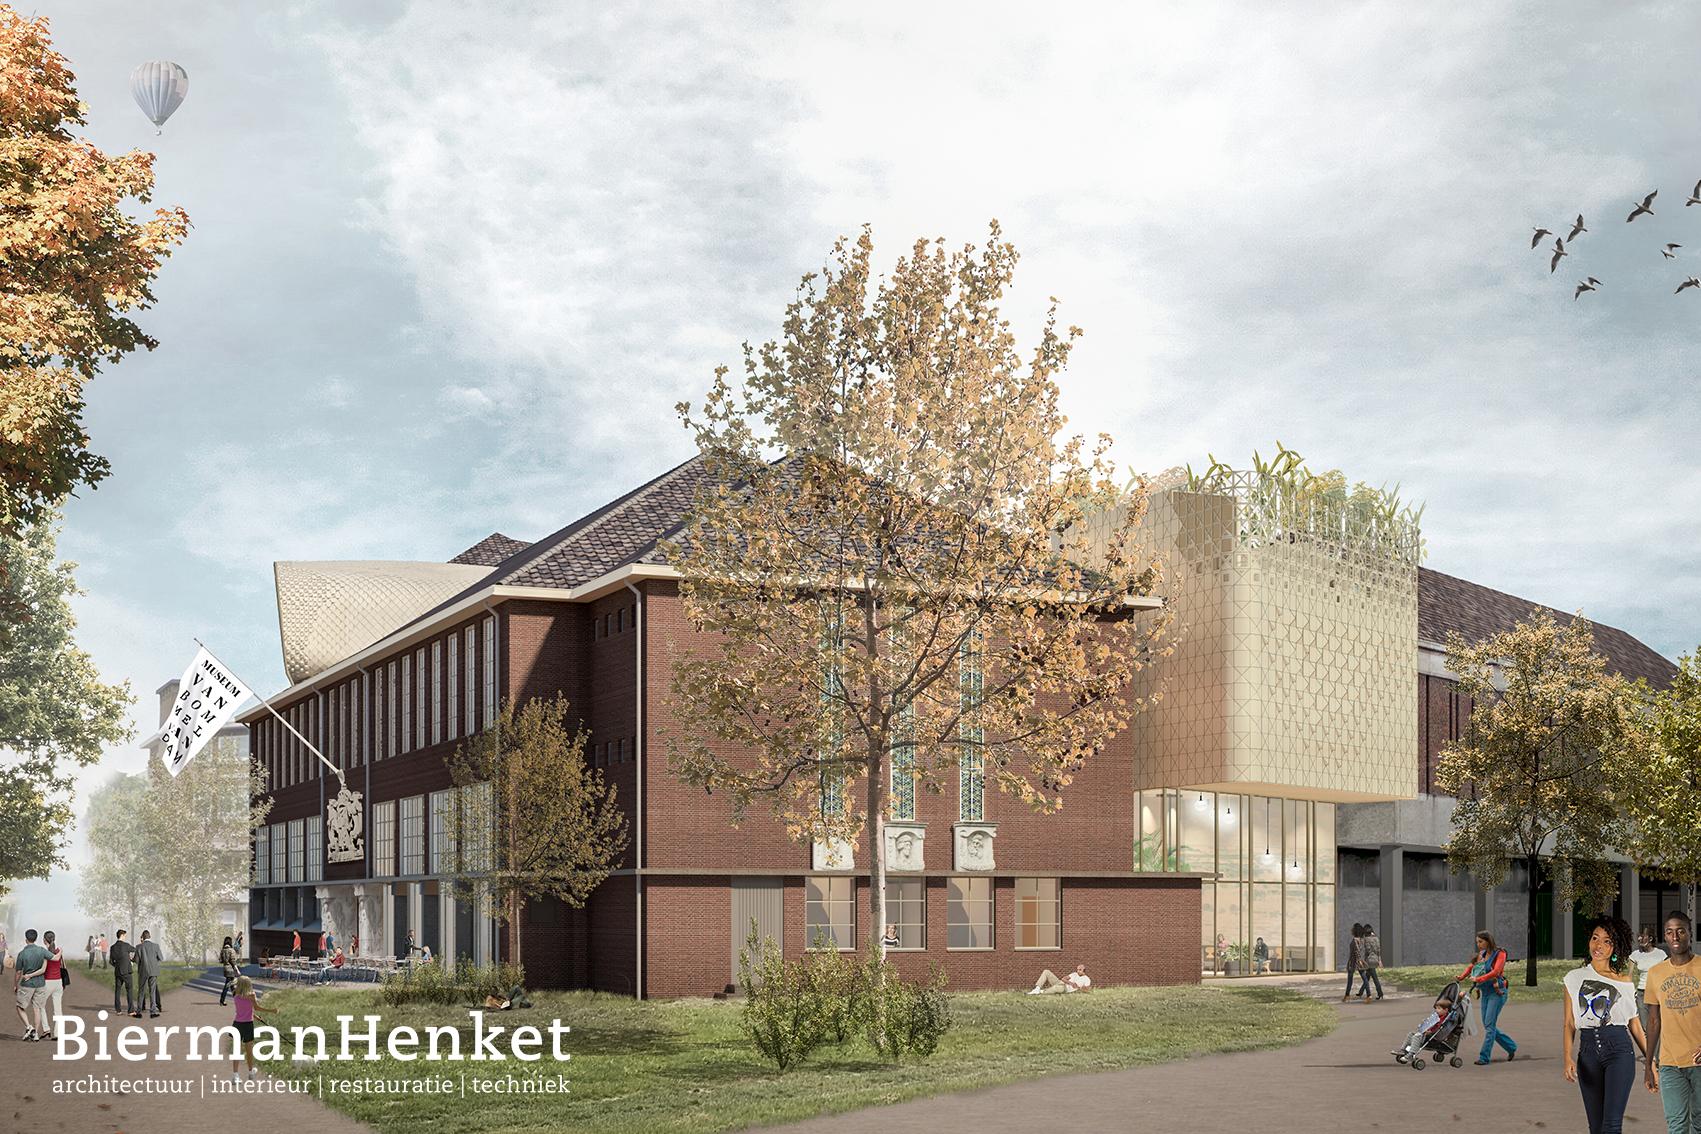 Een illustratie van hoe het nieuwe museum eruit zal gaan zien. Een gebouw van rode bakstenen met veel ramen en een grijs puntdak met pannen. Aan een zijkant van het gebouw is een moderne uitbouw.